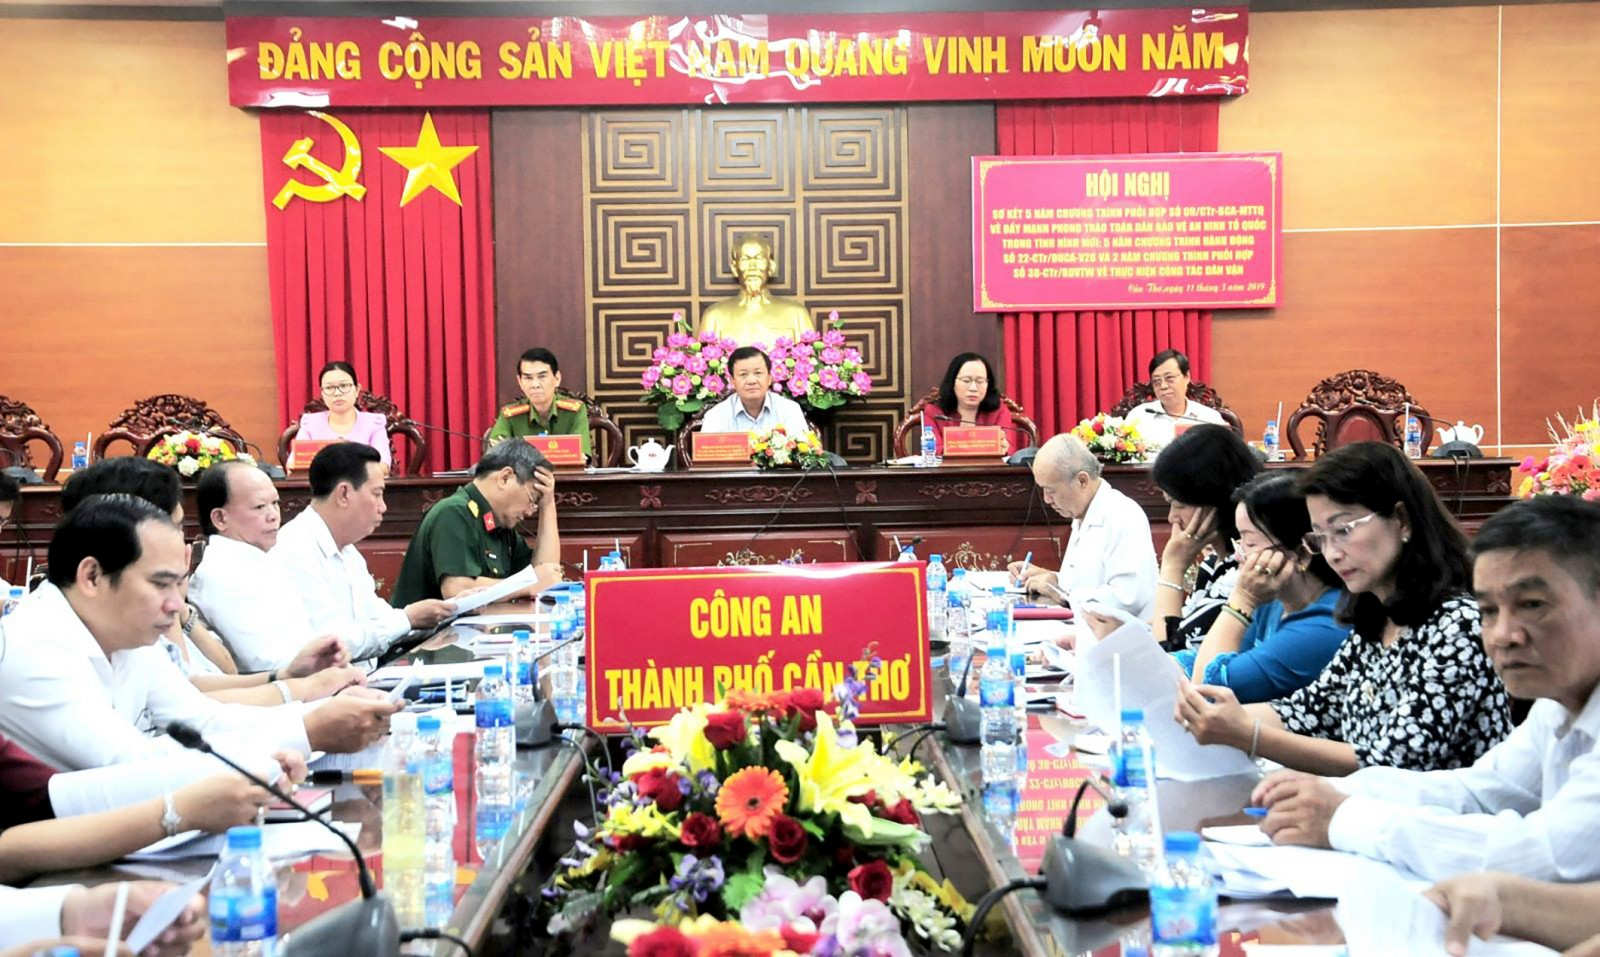 Phó Chủ tịch Thường trực UBND TP Cần Thơ Đào Anh Dũng cùng các đại biểu tham dự Hội nghị. Ảnh: KIỀU CHINH